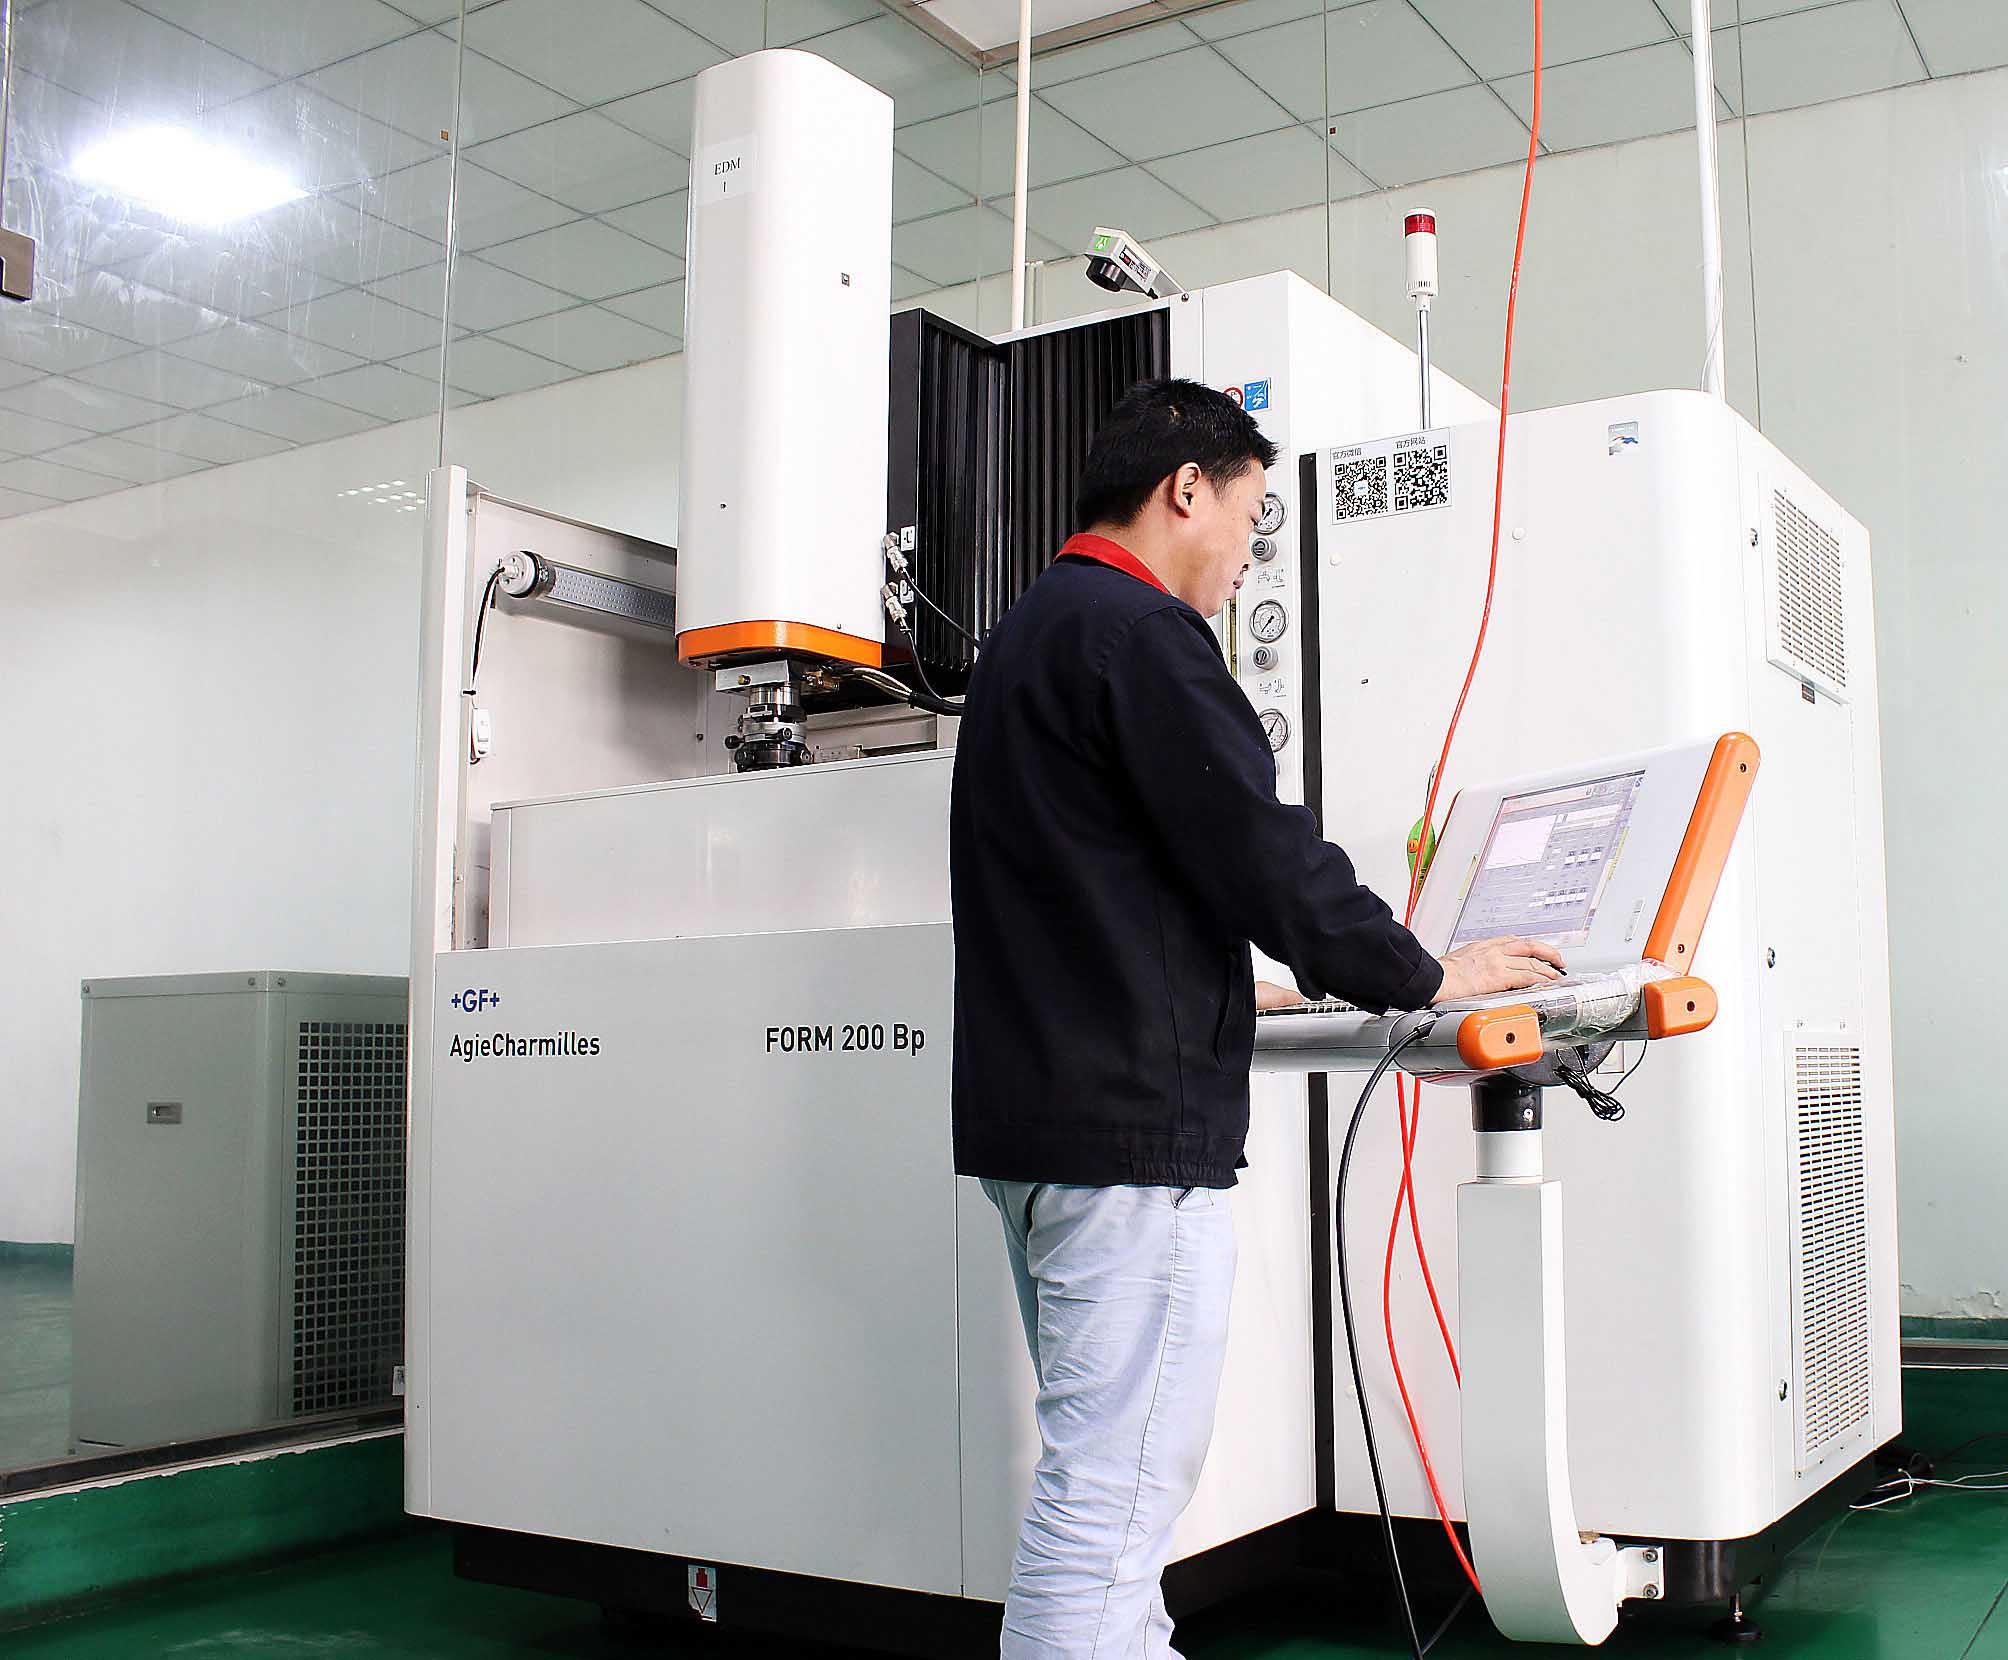 +GF+ machine equipment